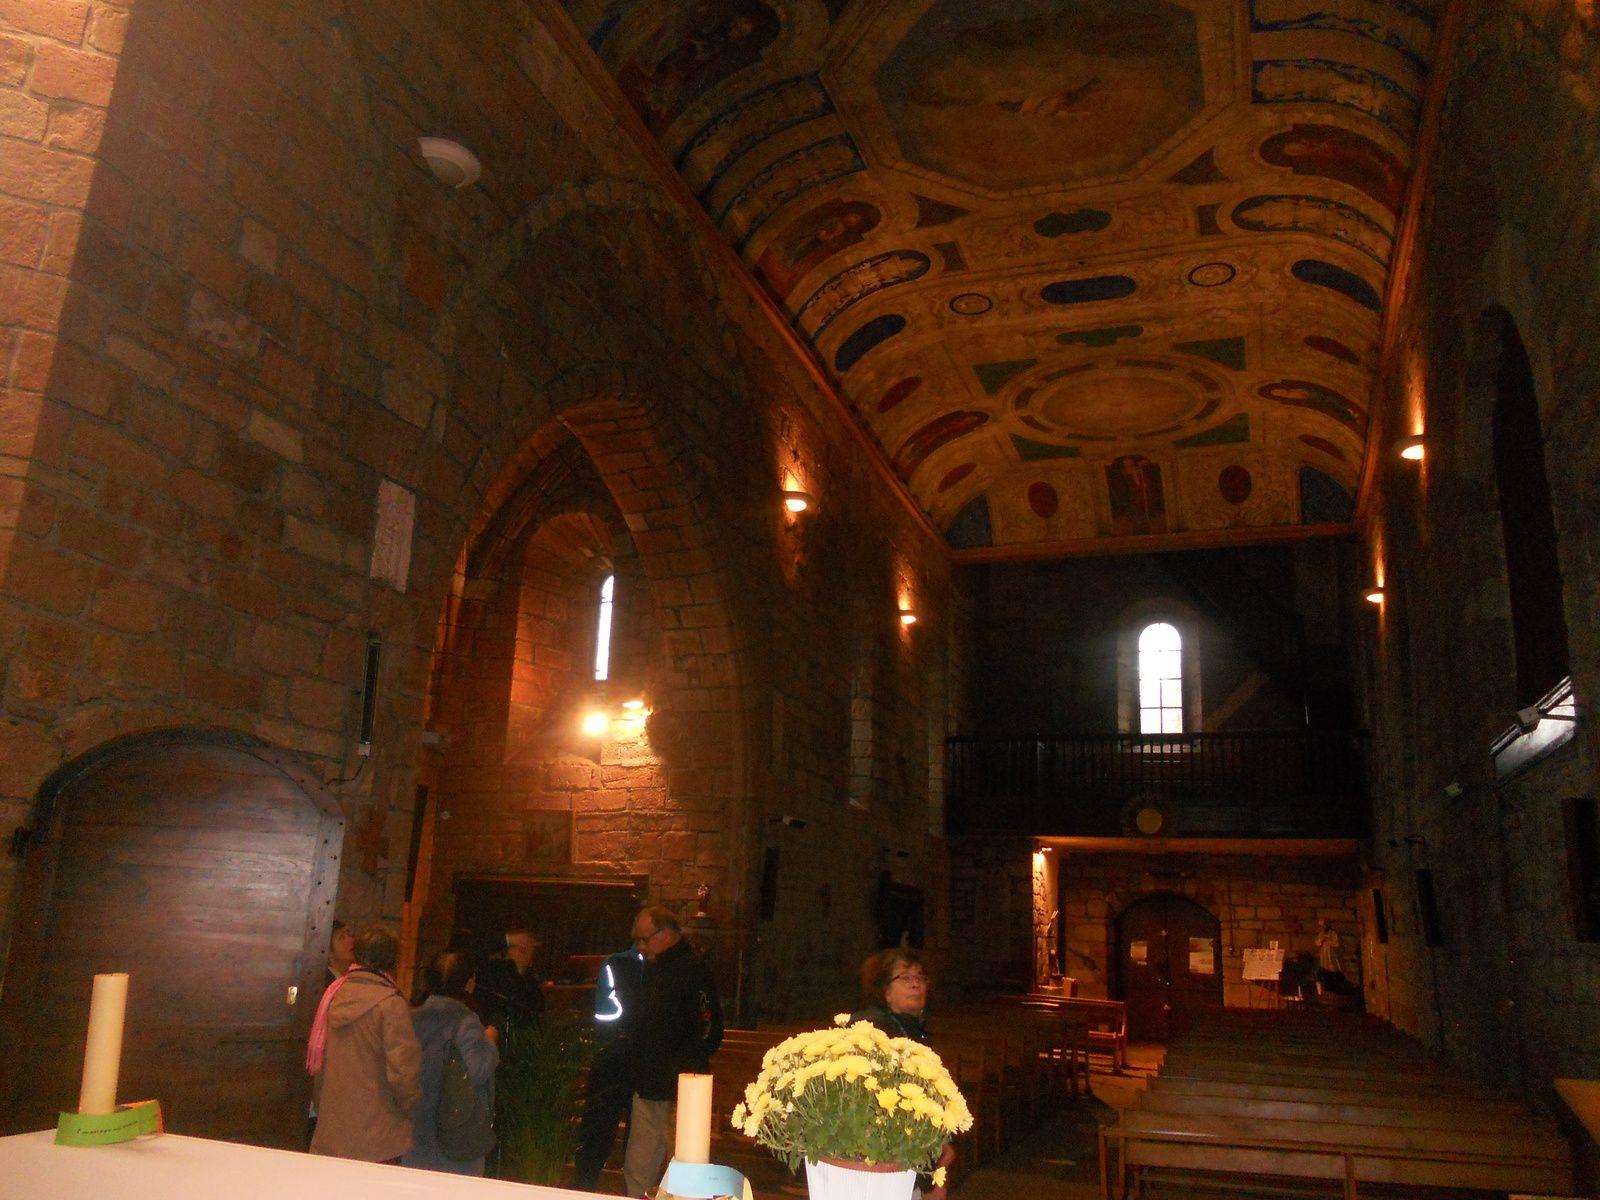 L'église de COSNAC et son magnifique plafond.